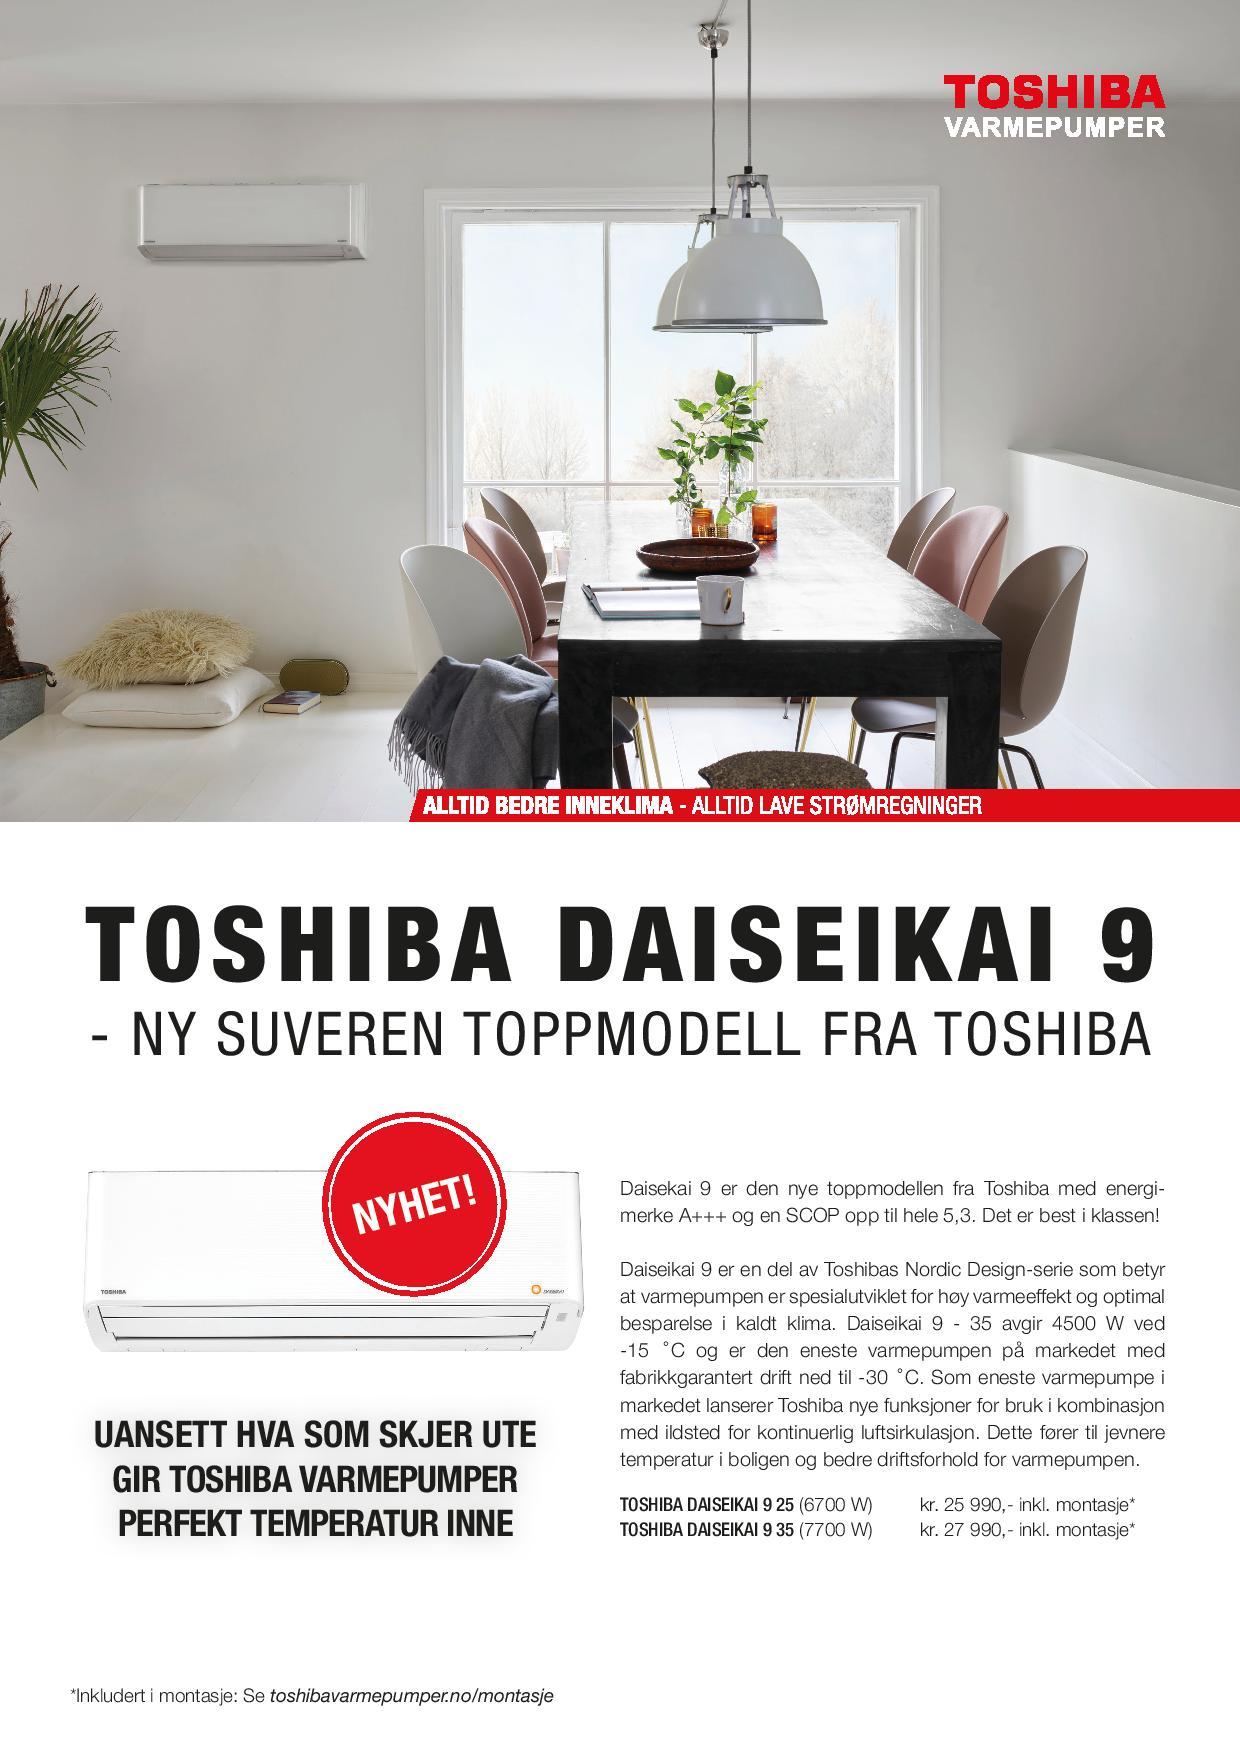 2017-sept-toshiba-daiseikai-9-nyhet-dm-a4-page-001